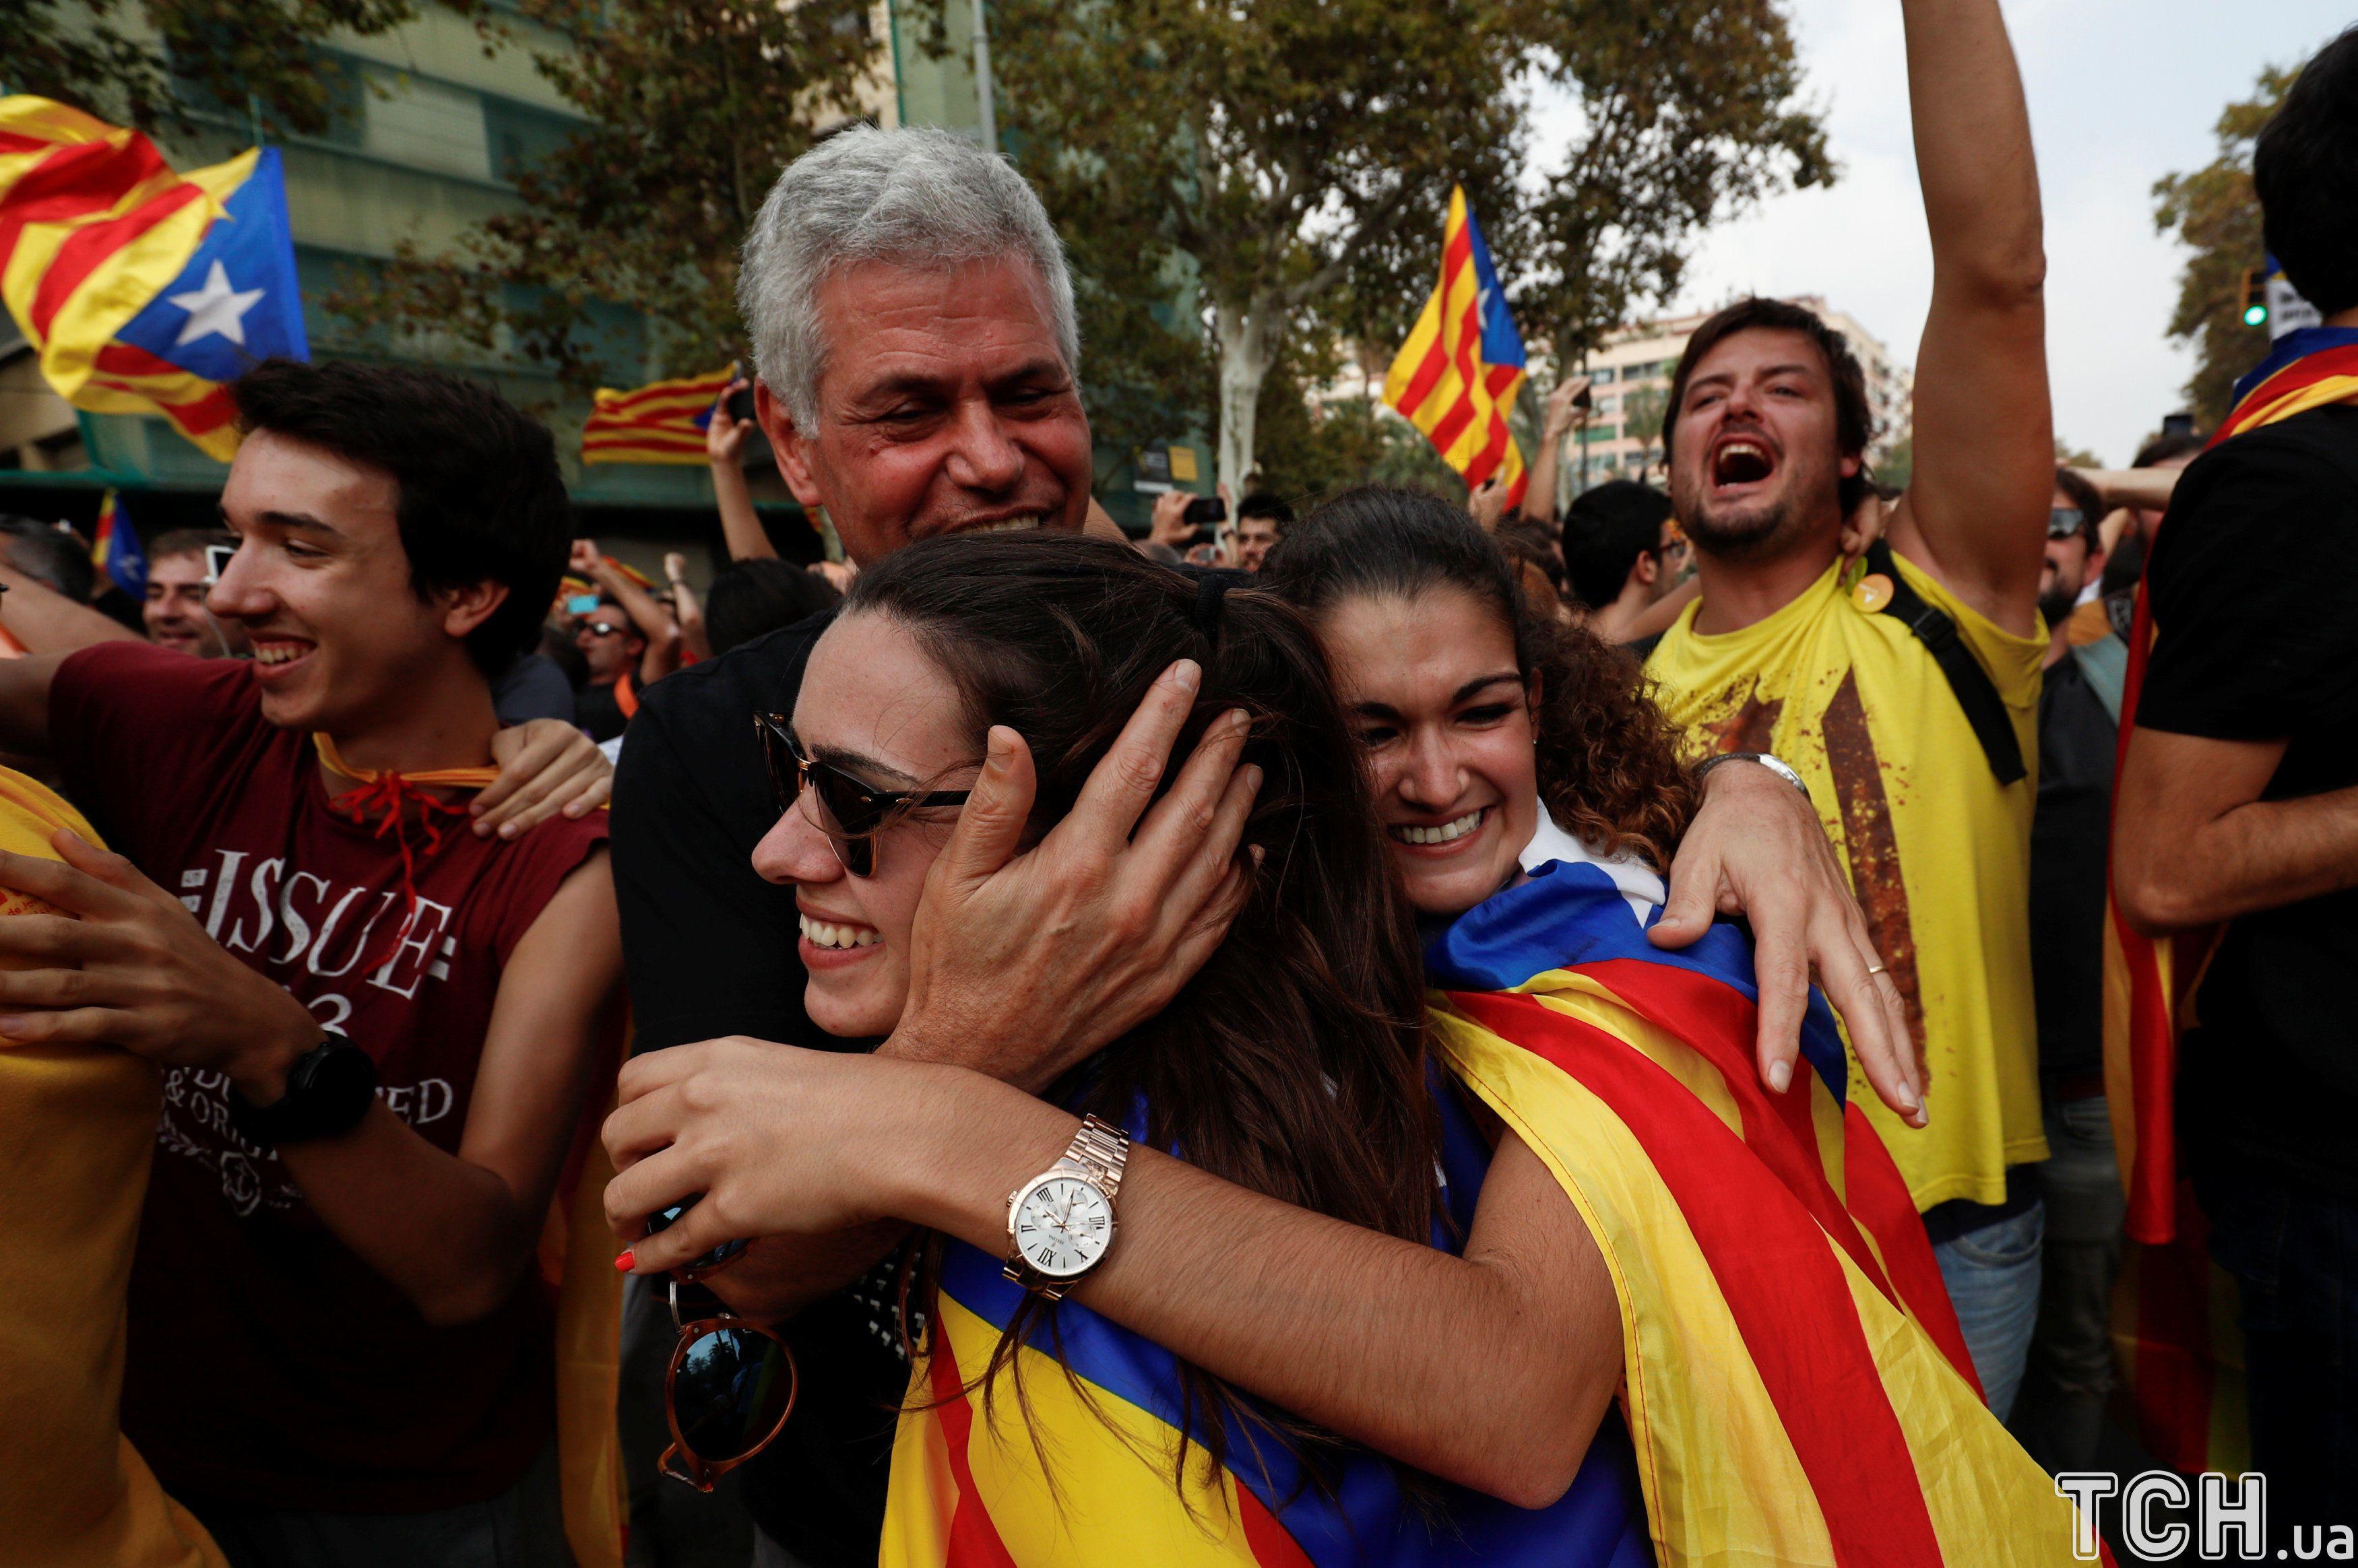 Оголошення незалежності Каталонії регіональним парламентом _16